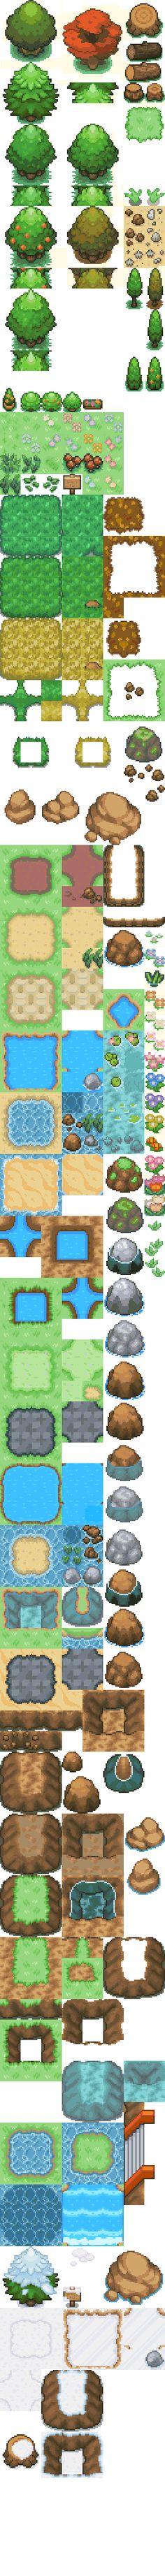 tileset pokemon RPGMAKER XP by kutoal.deviantart.com on @deviantART